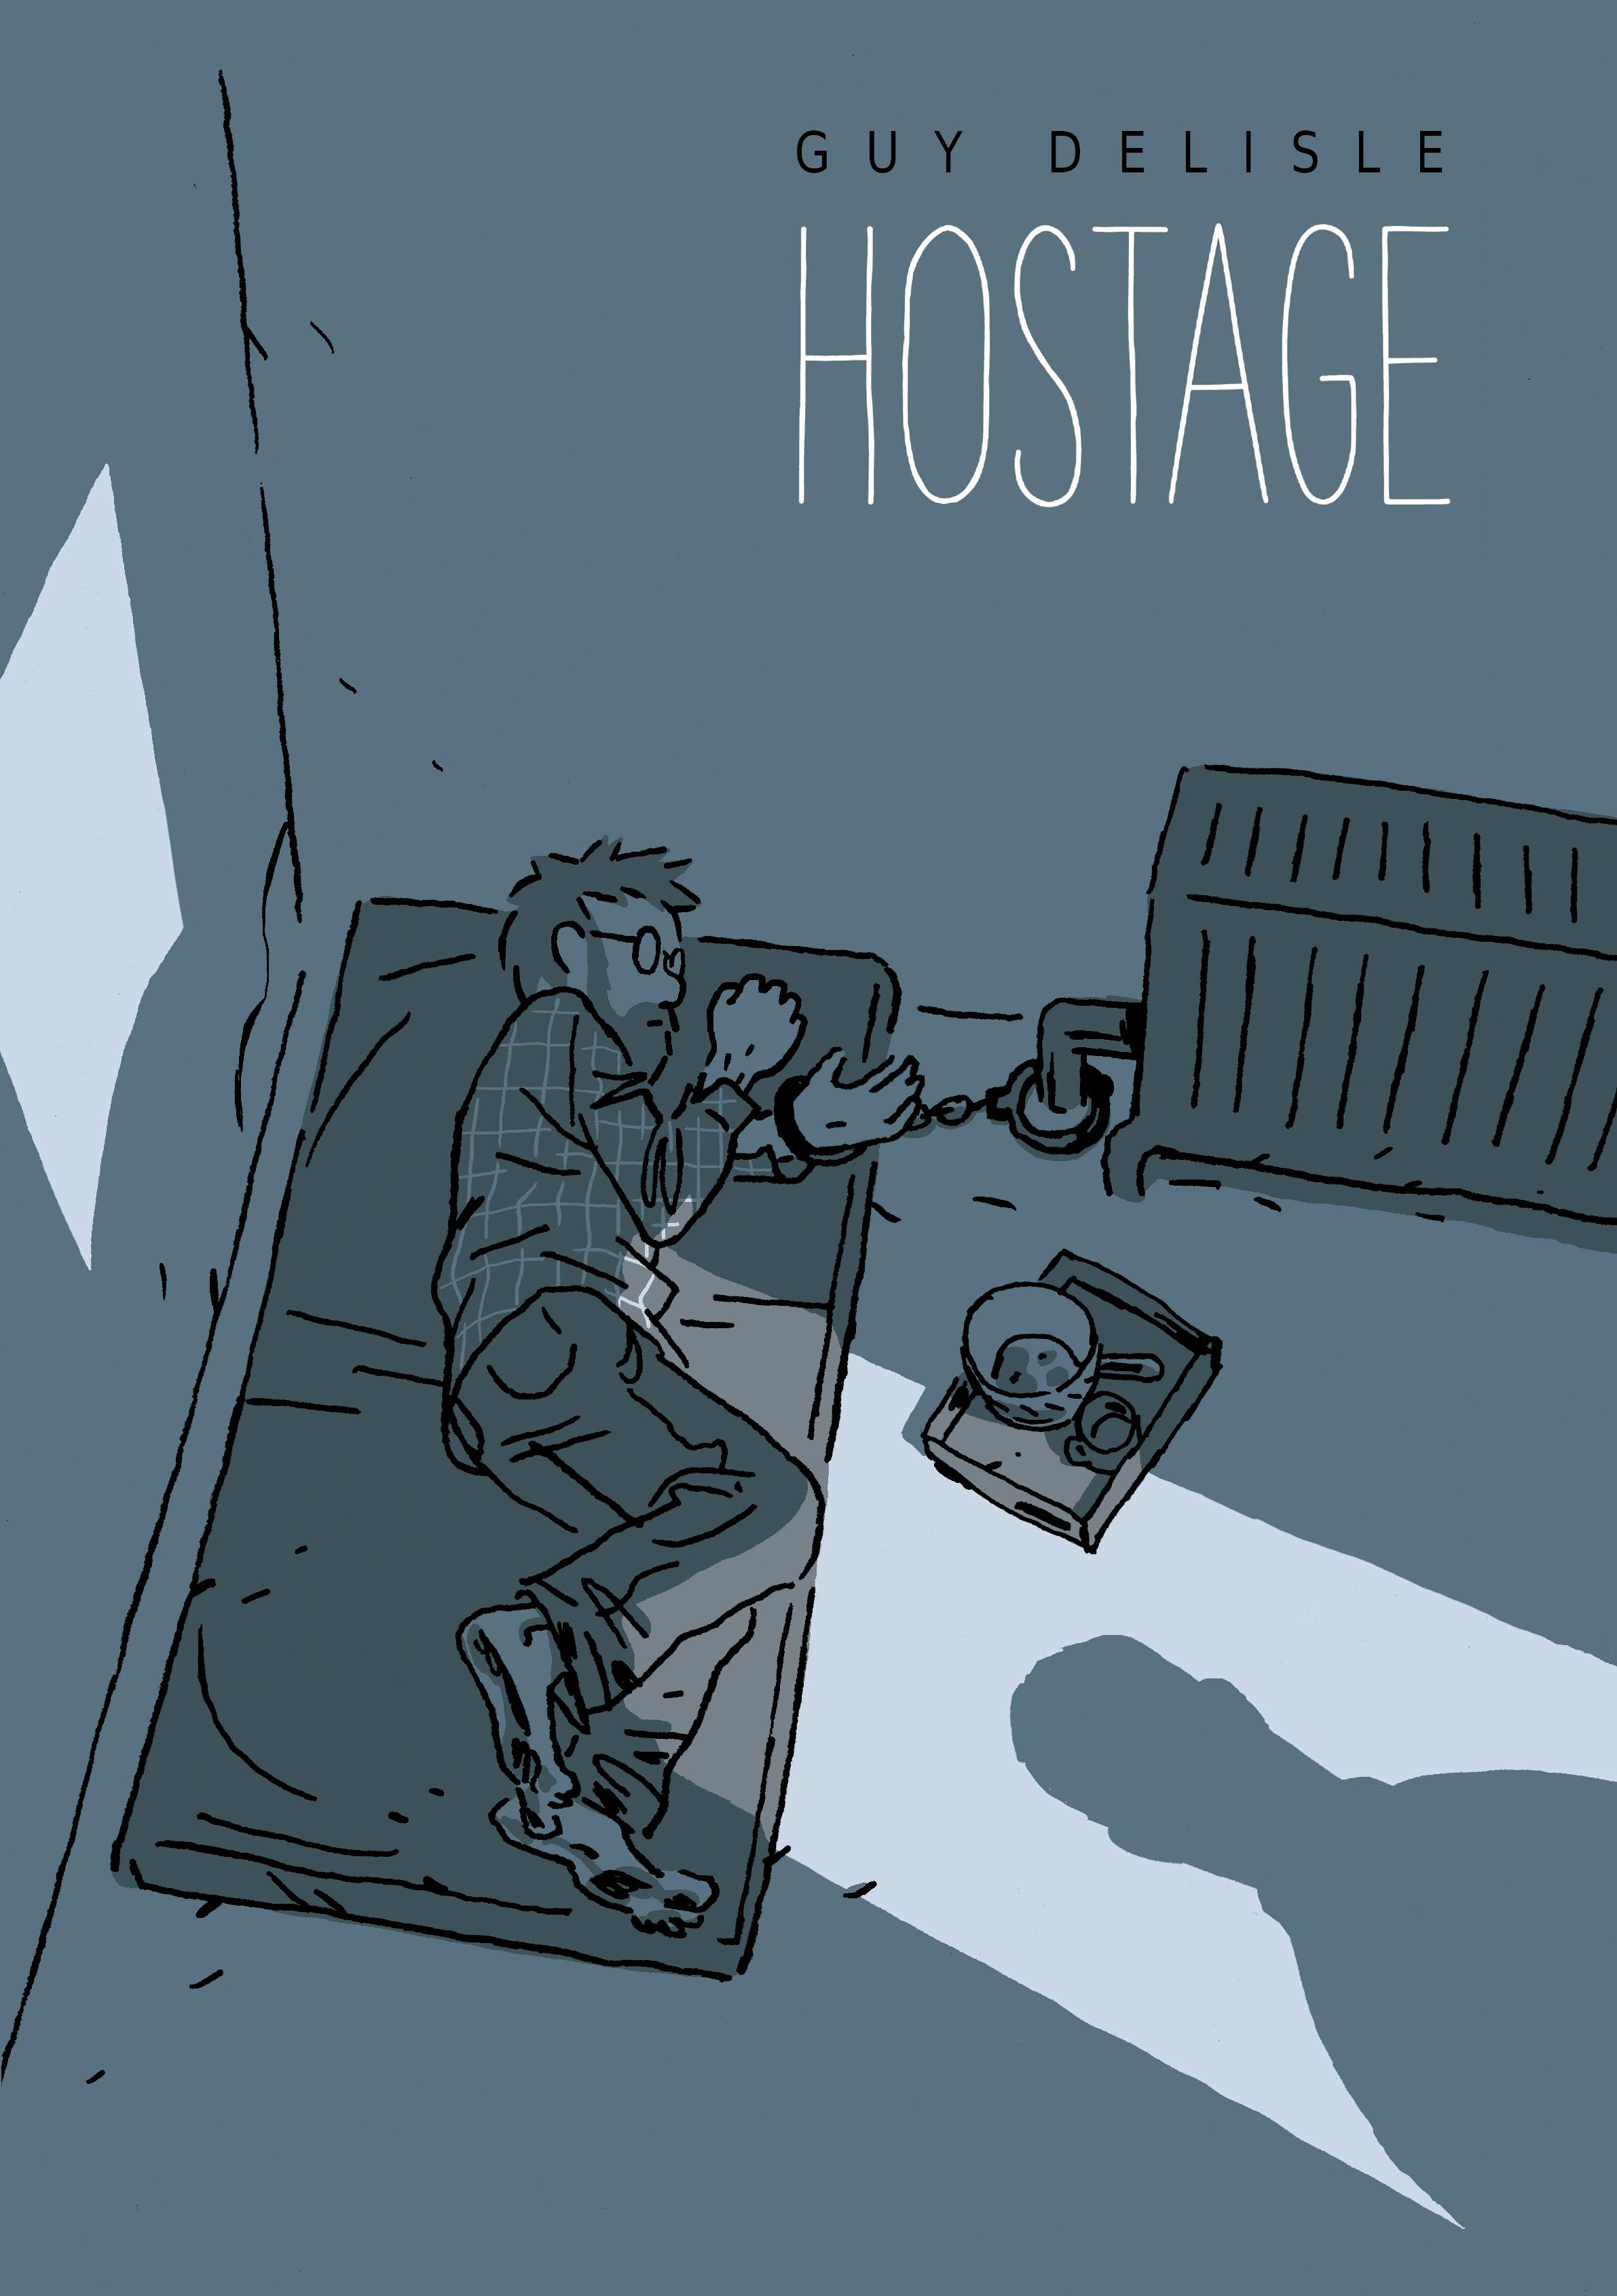 HOSTAGEcover300.jpg